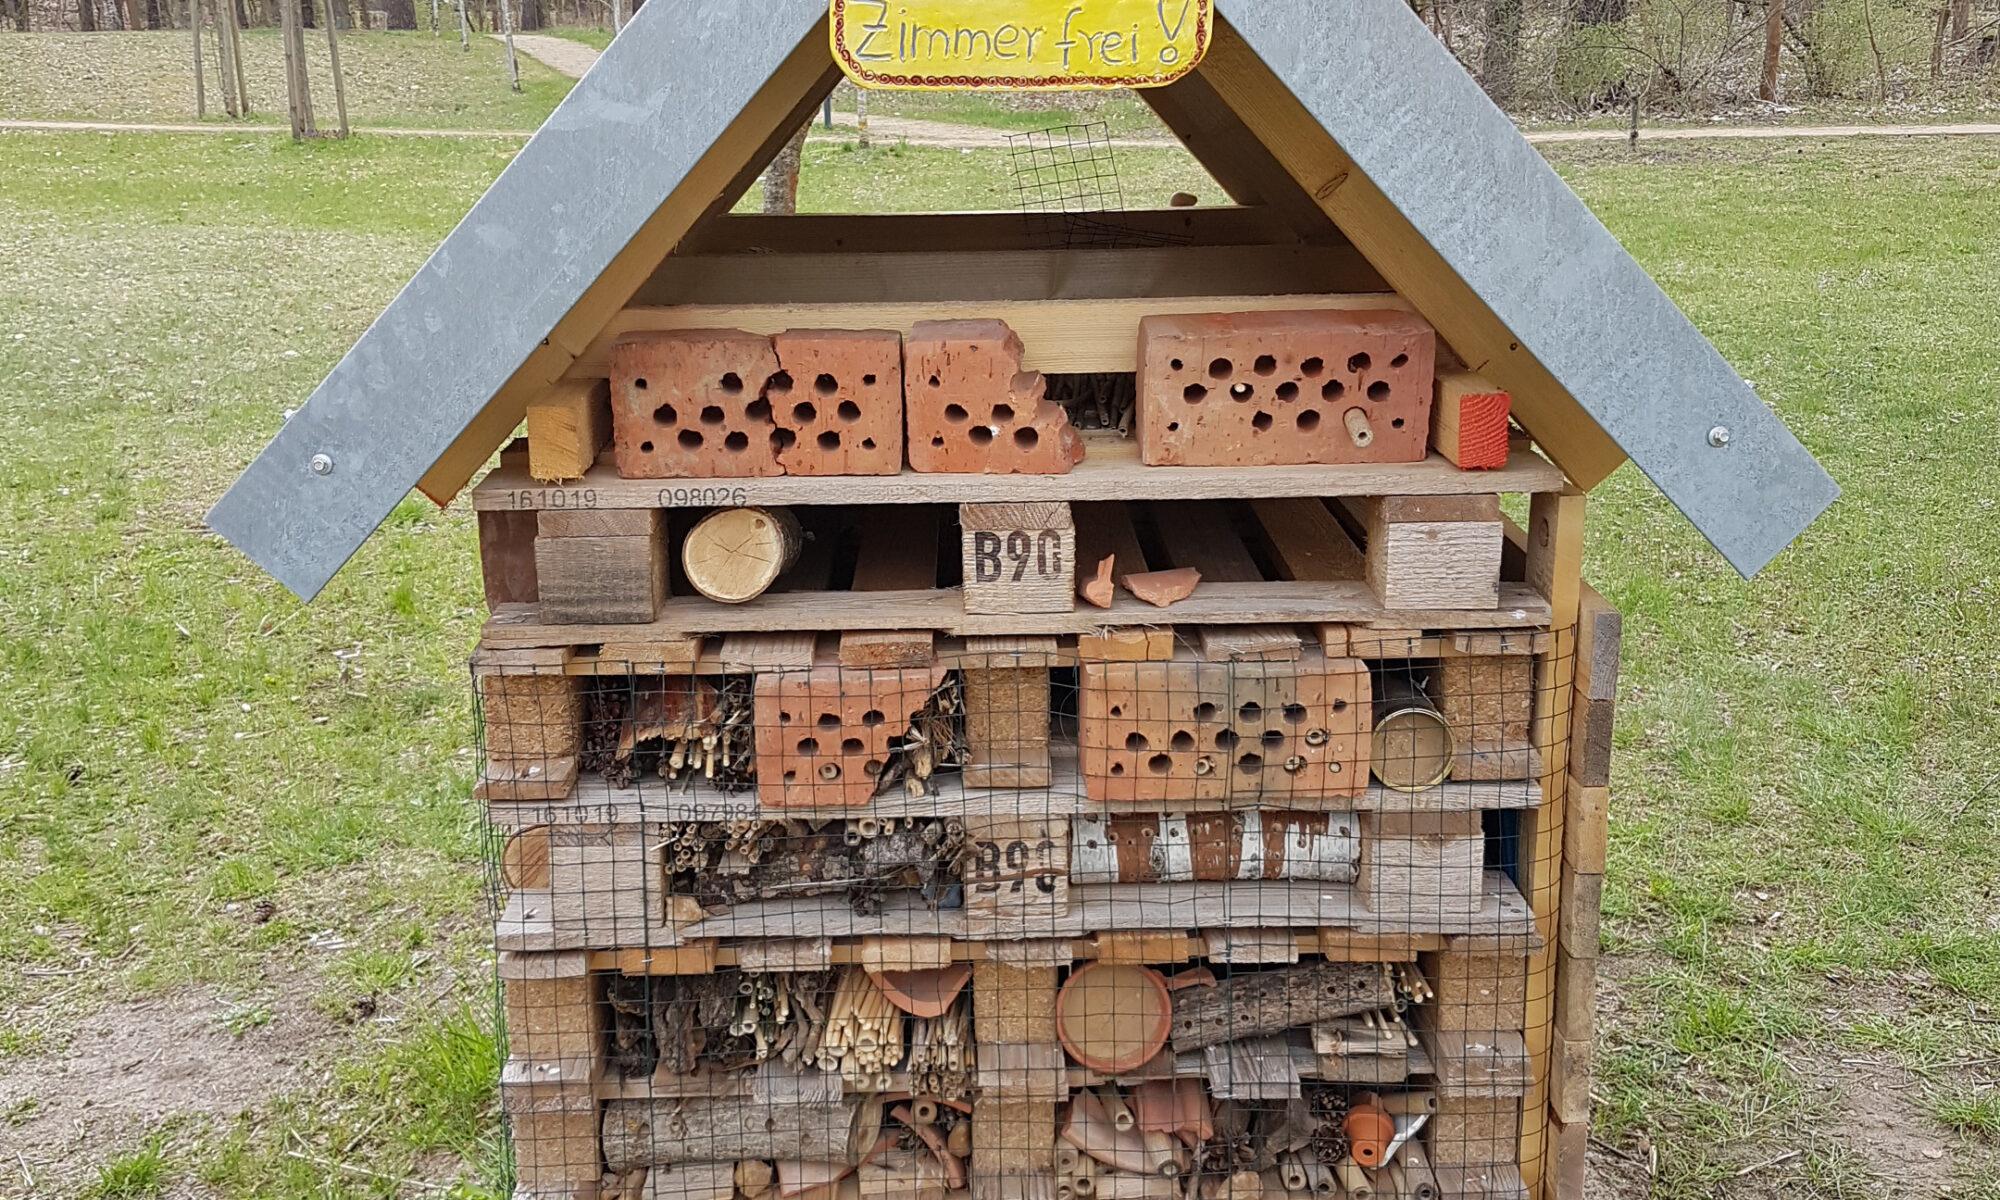 Das neue Wildbienenhotel auf dem Gelände des Hennigsdorfer Krankenhauses